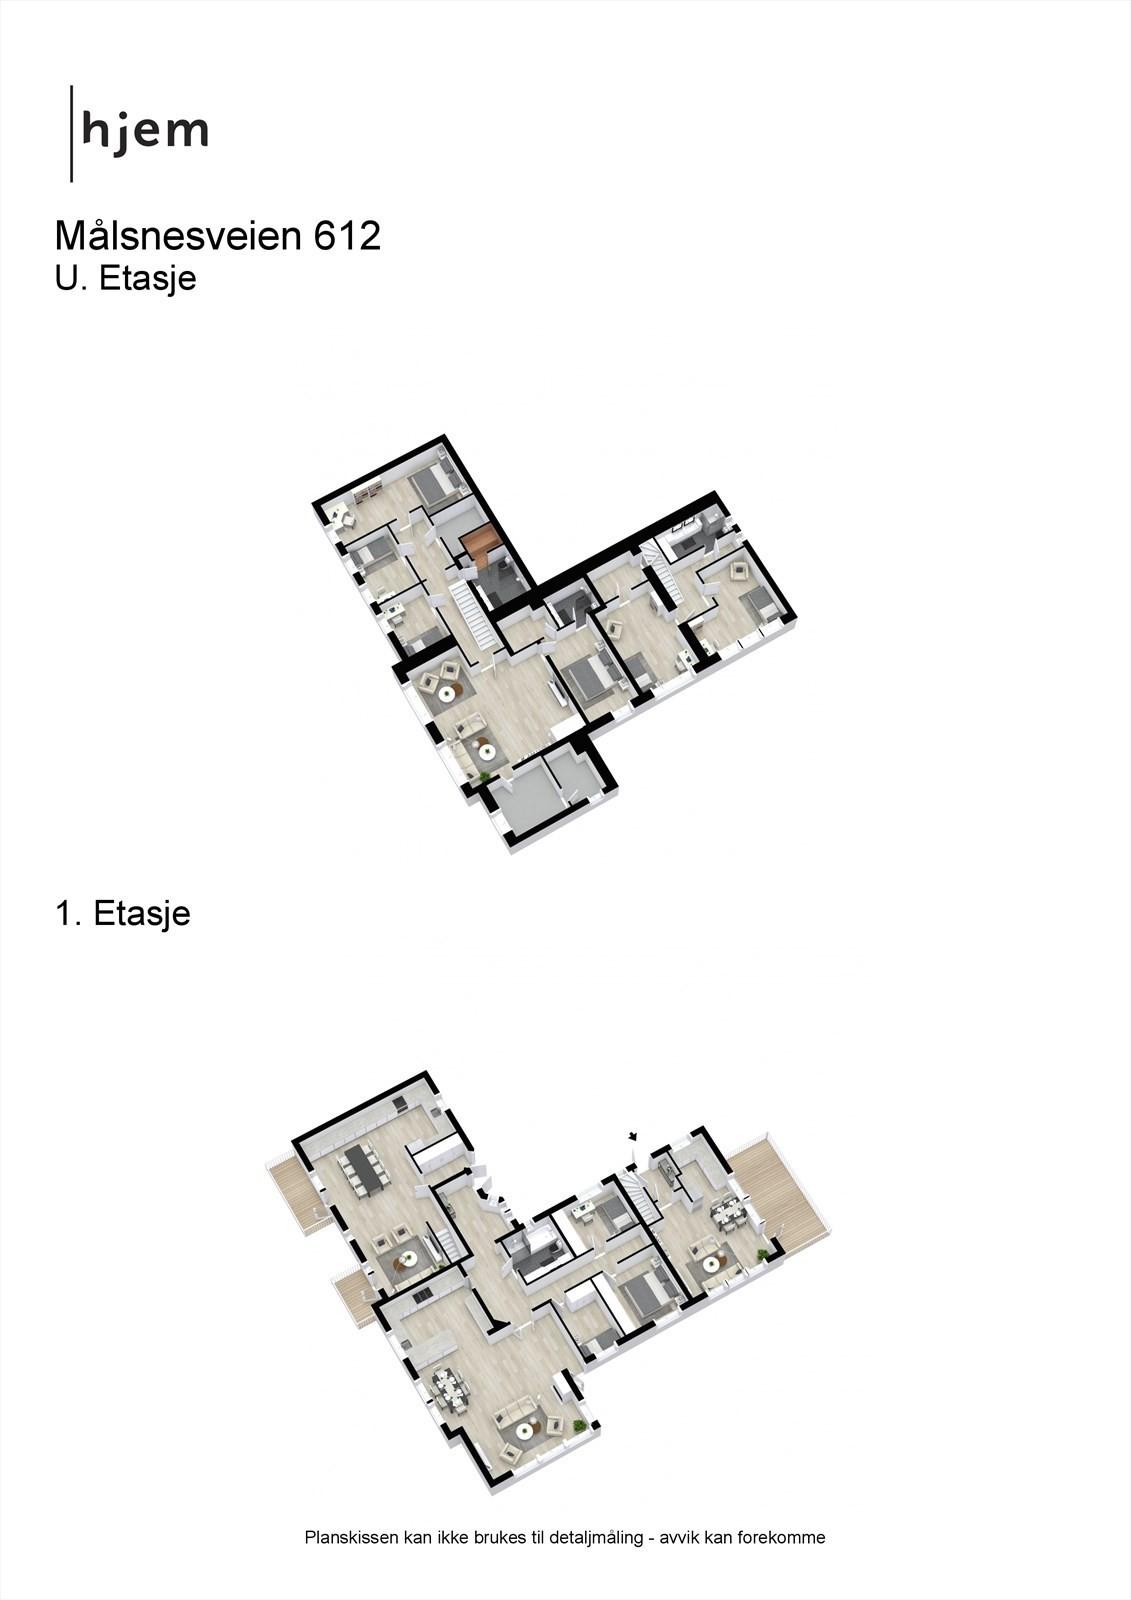 Målsnesveien 612 - 3D - alternativ løsning med 3 leiligheter